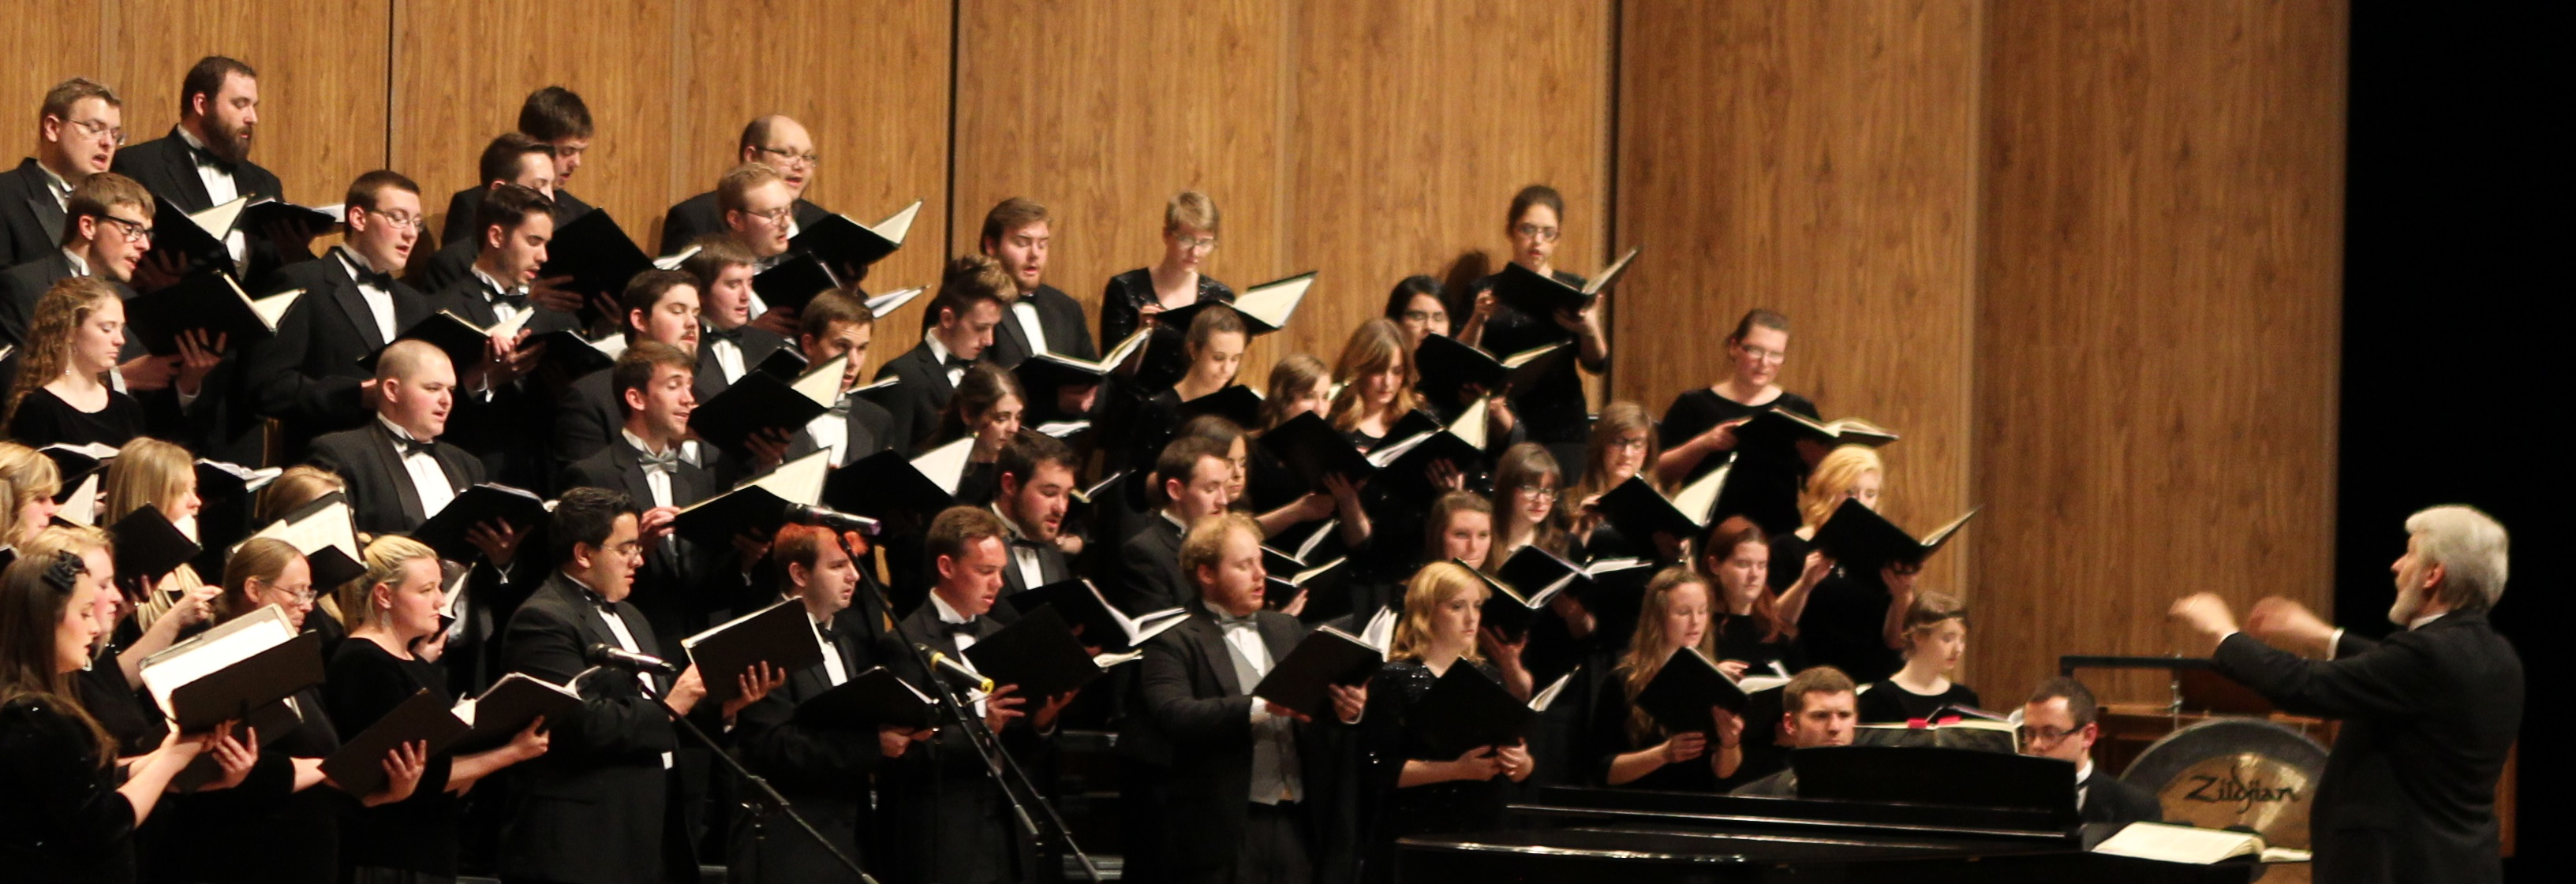 WSU Winter ChoirFest